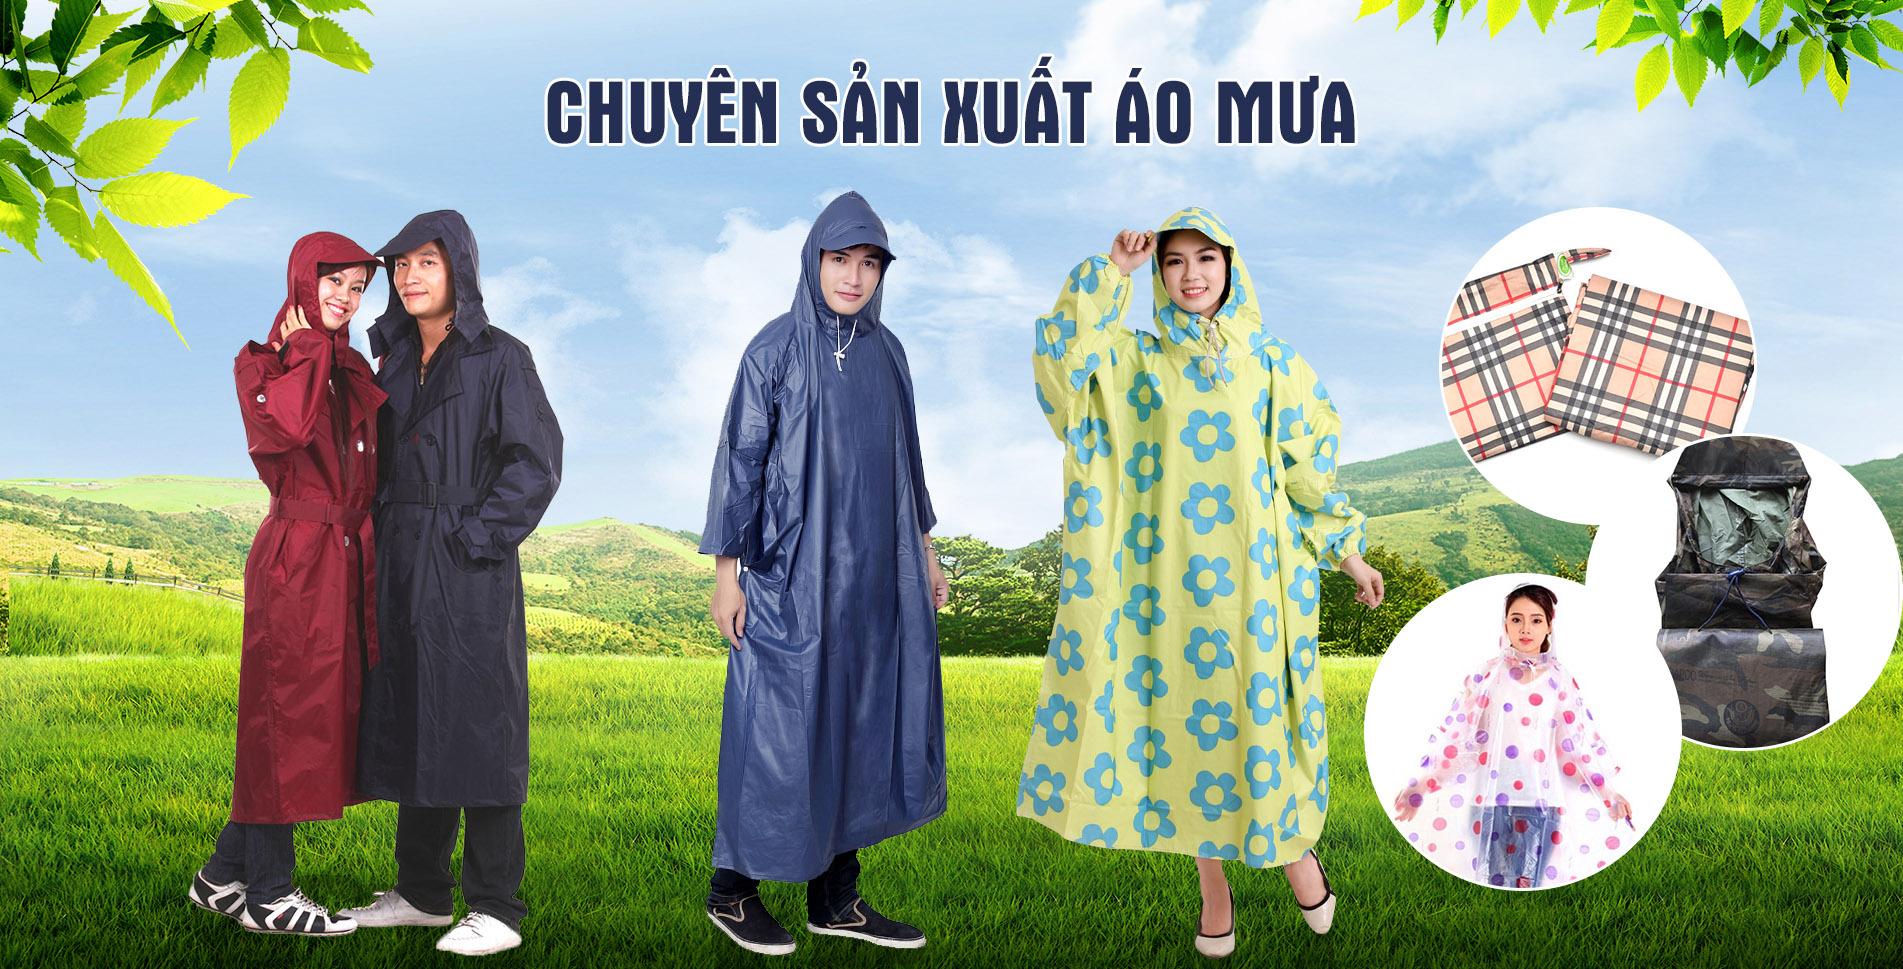 Top 10 công ty sản xuất cung cấp áo mưa đẹp, giá rẻ tại Tp Hồ Chí Minh